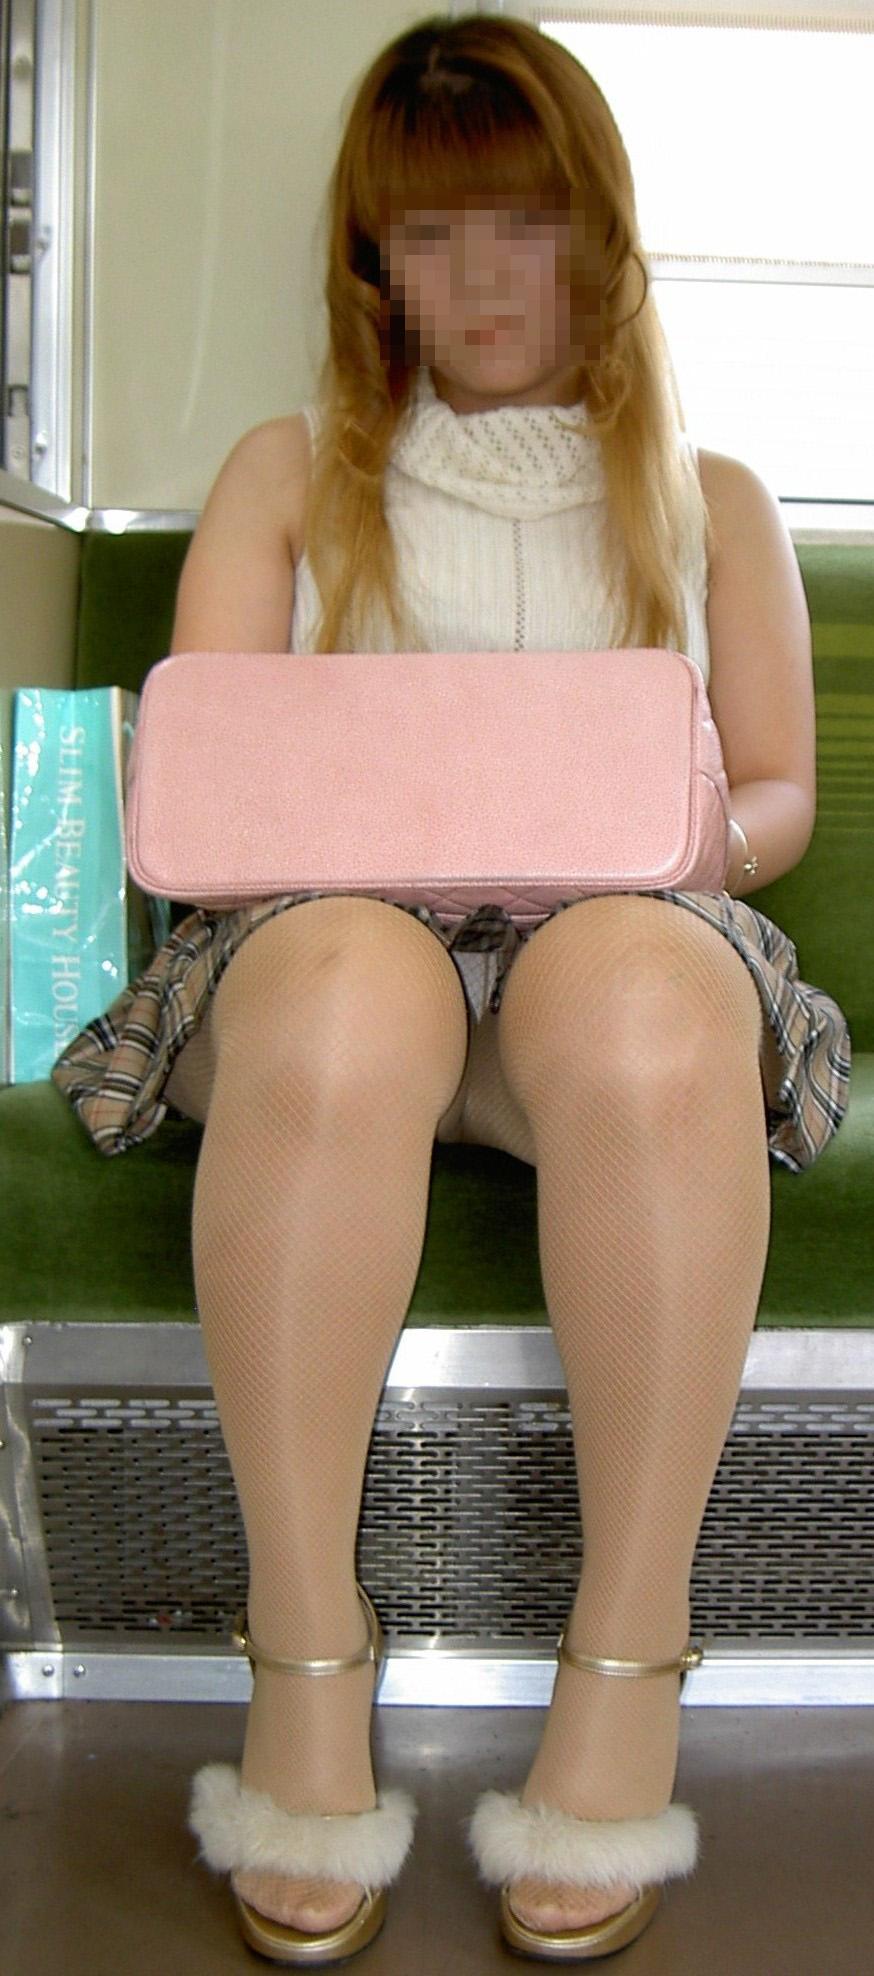 【パンチラエロ画像】対面さえとれば後はこっそり…電車内のパンチラ観察www 23